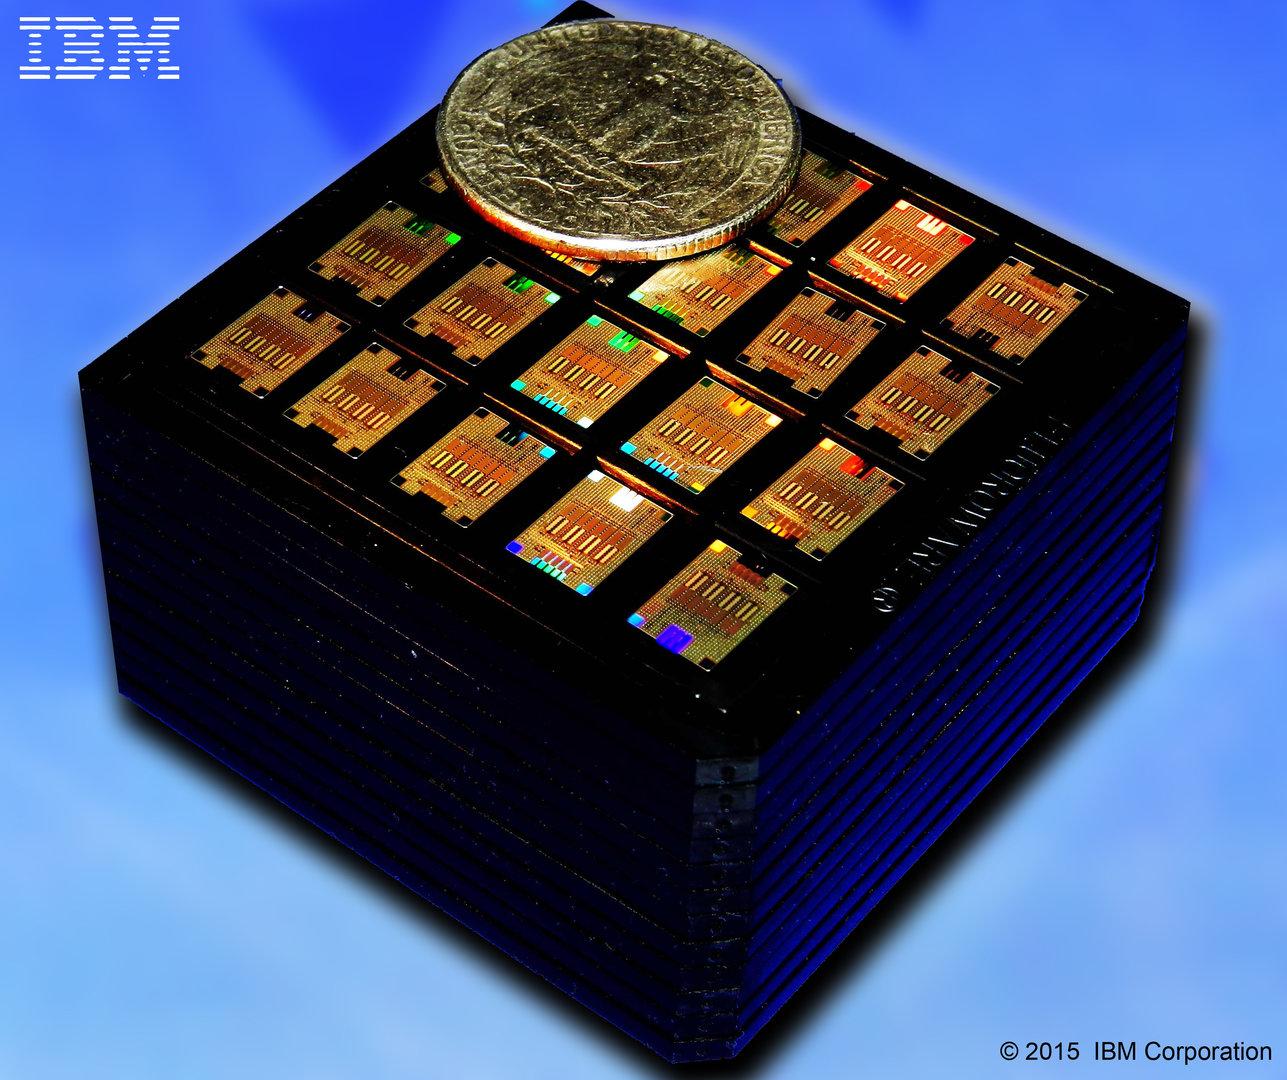 Kassette mit IBM Silicon Photonics Transceiver-Chips mit einem Quarter-Dollar zum Größenvergleich